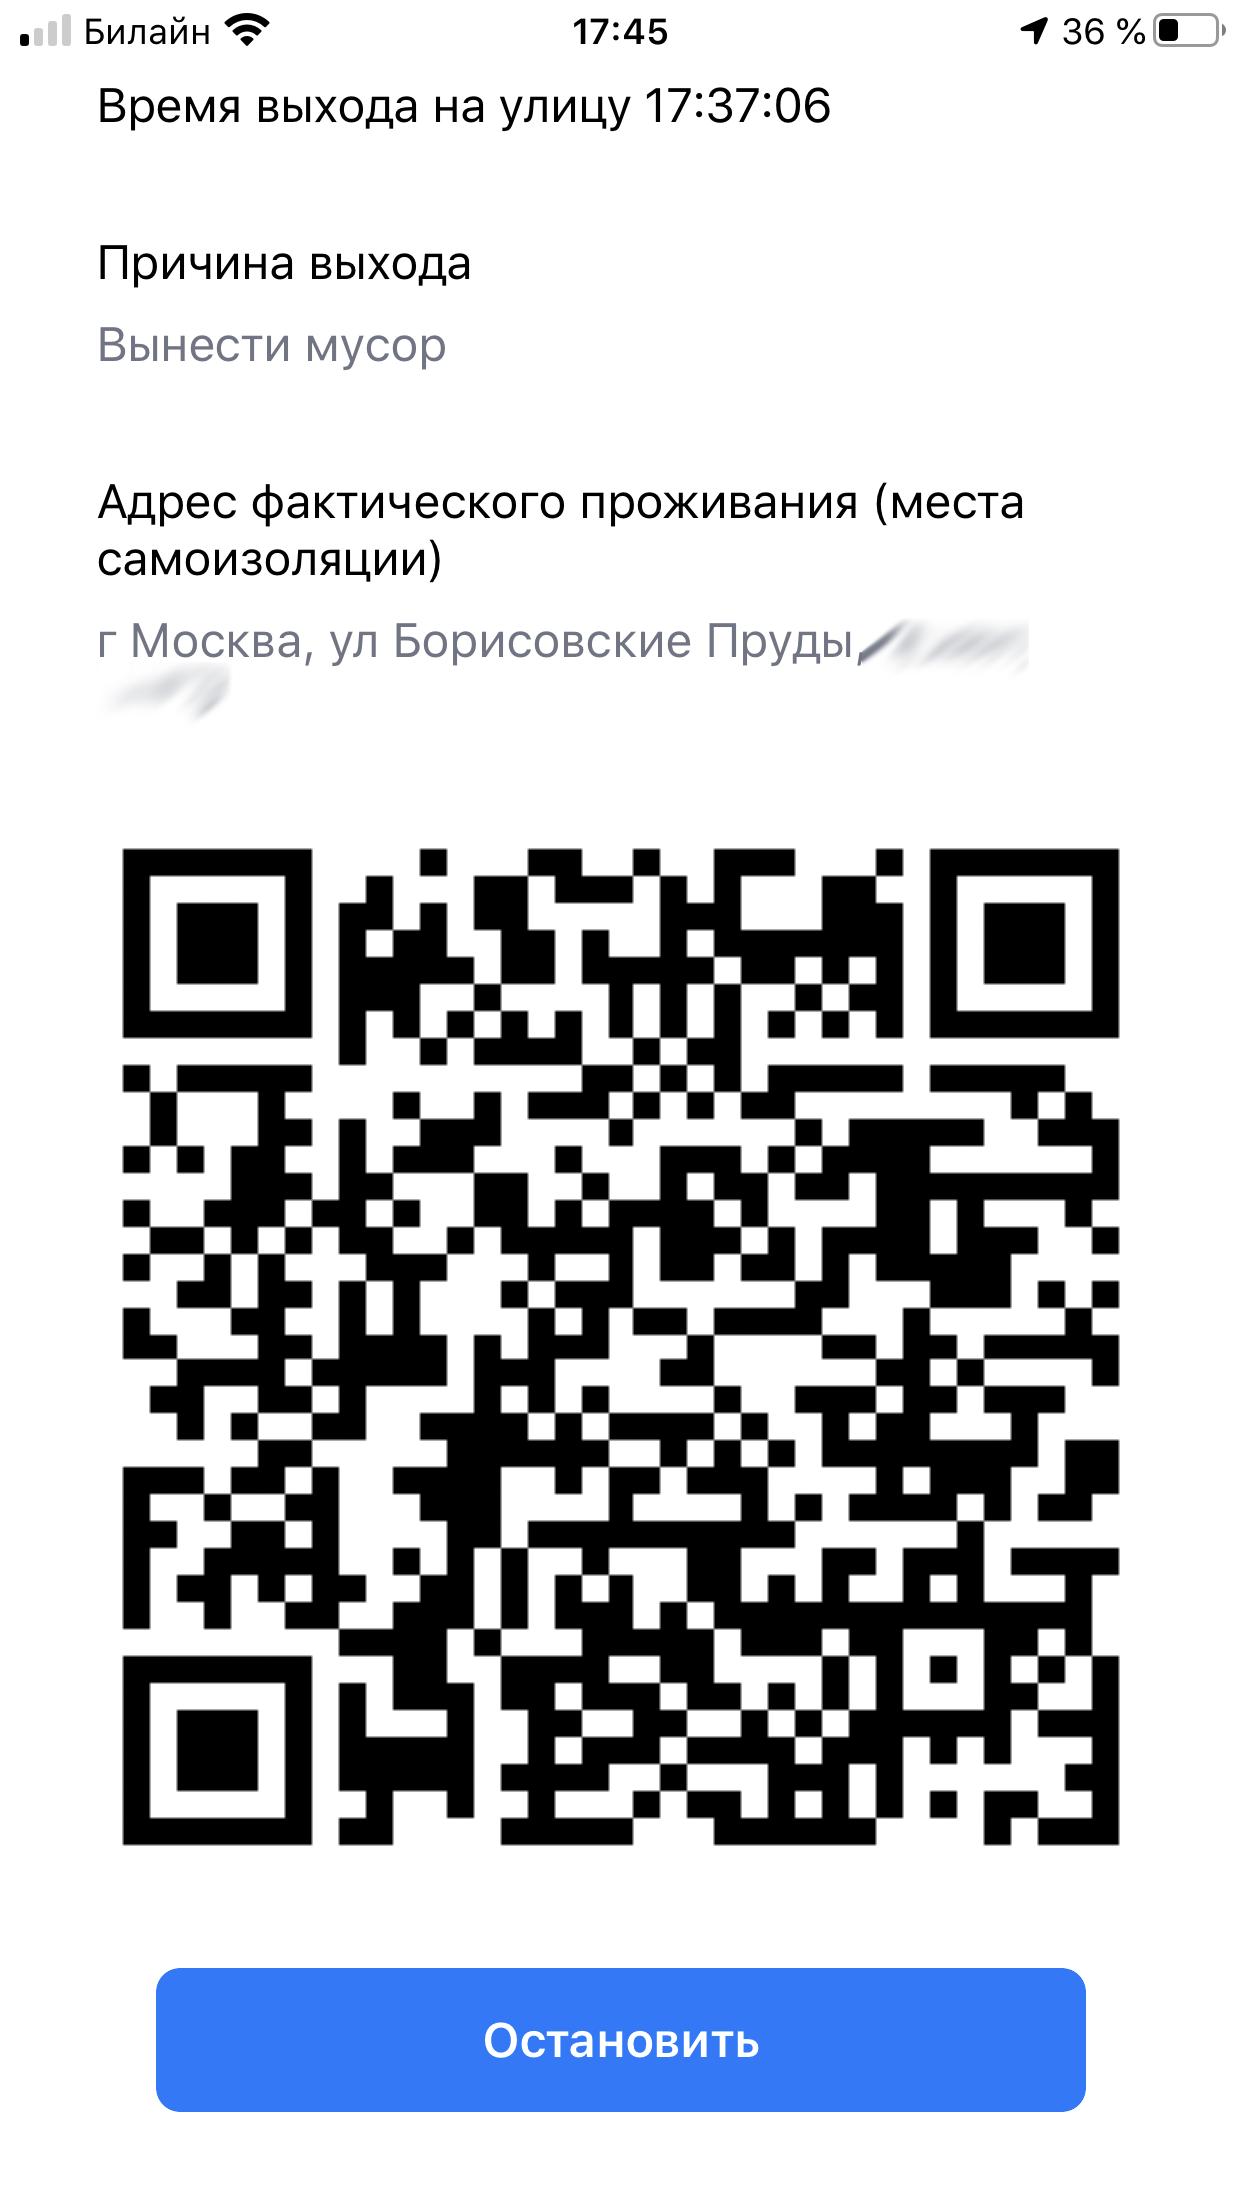 Приложения в Google Play – бесплатный сканер QR-кодов / сканер ... | 2208x1242